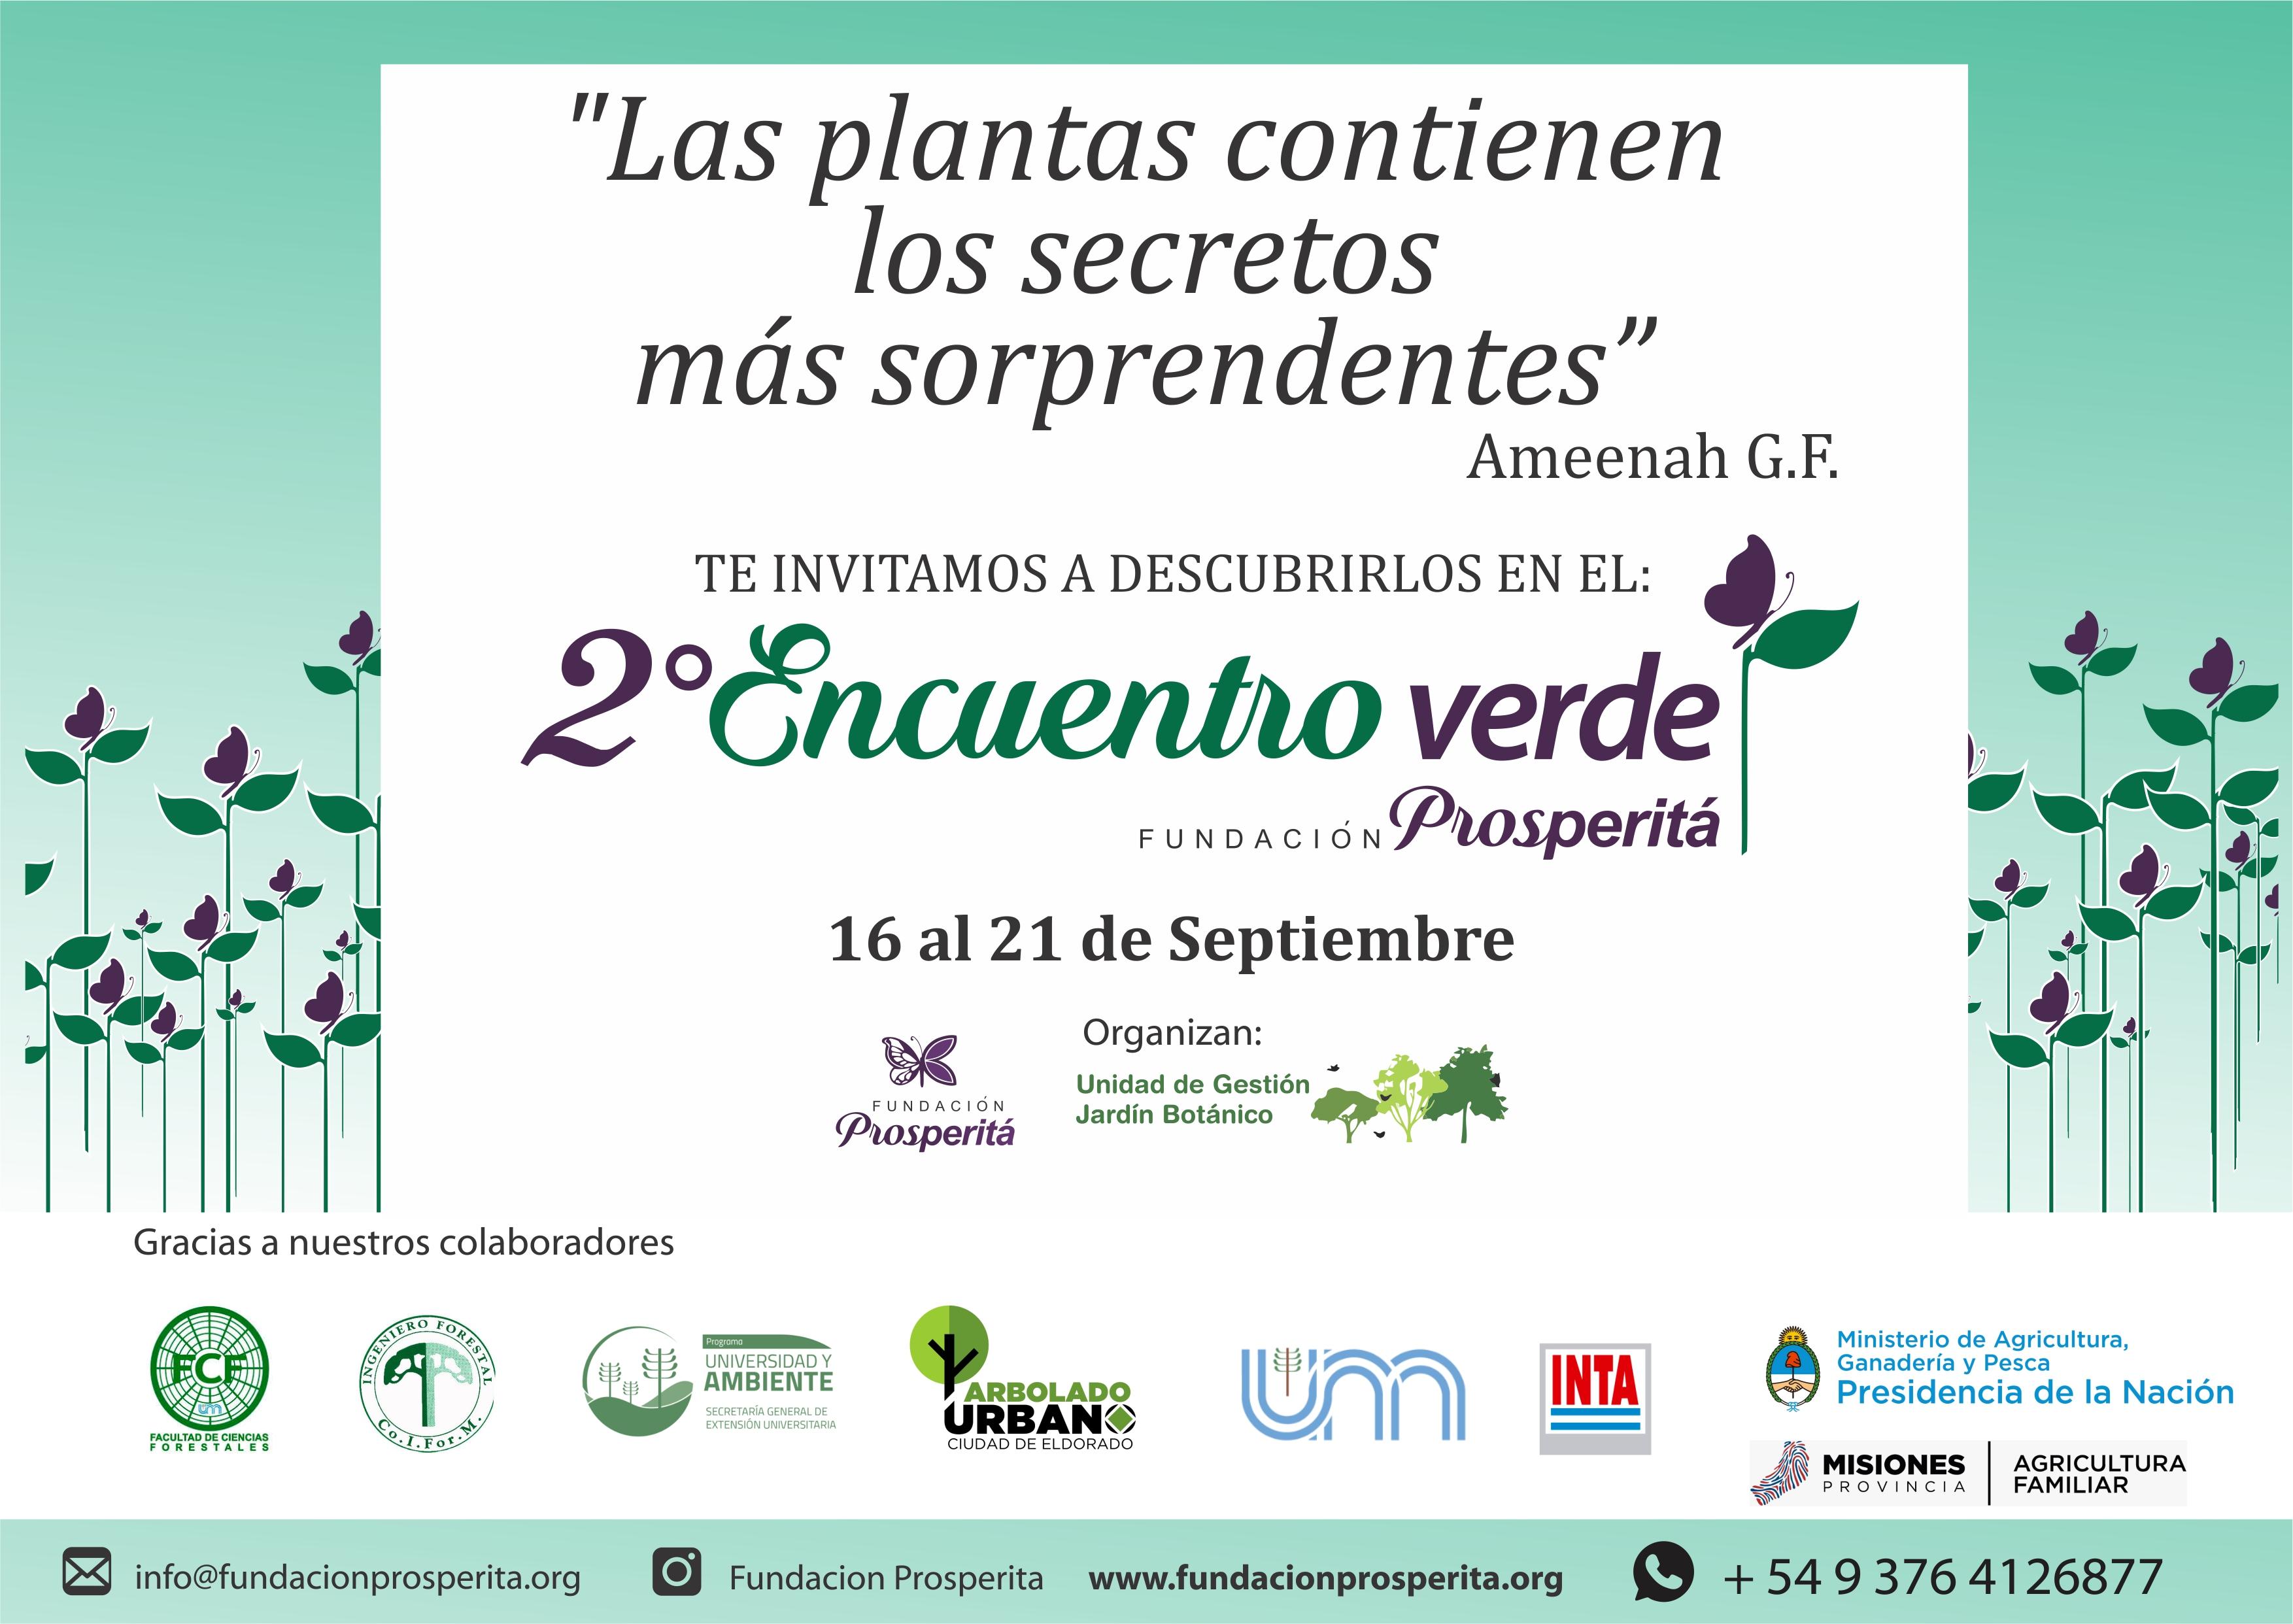 Conversatorios, exposiciones y emprendedores estarán presentes en el II Encuentro Verde